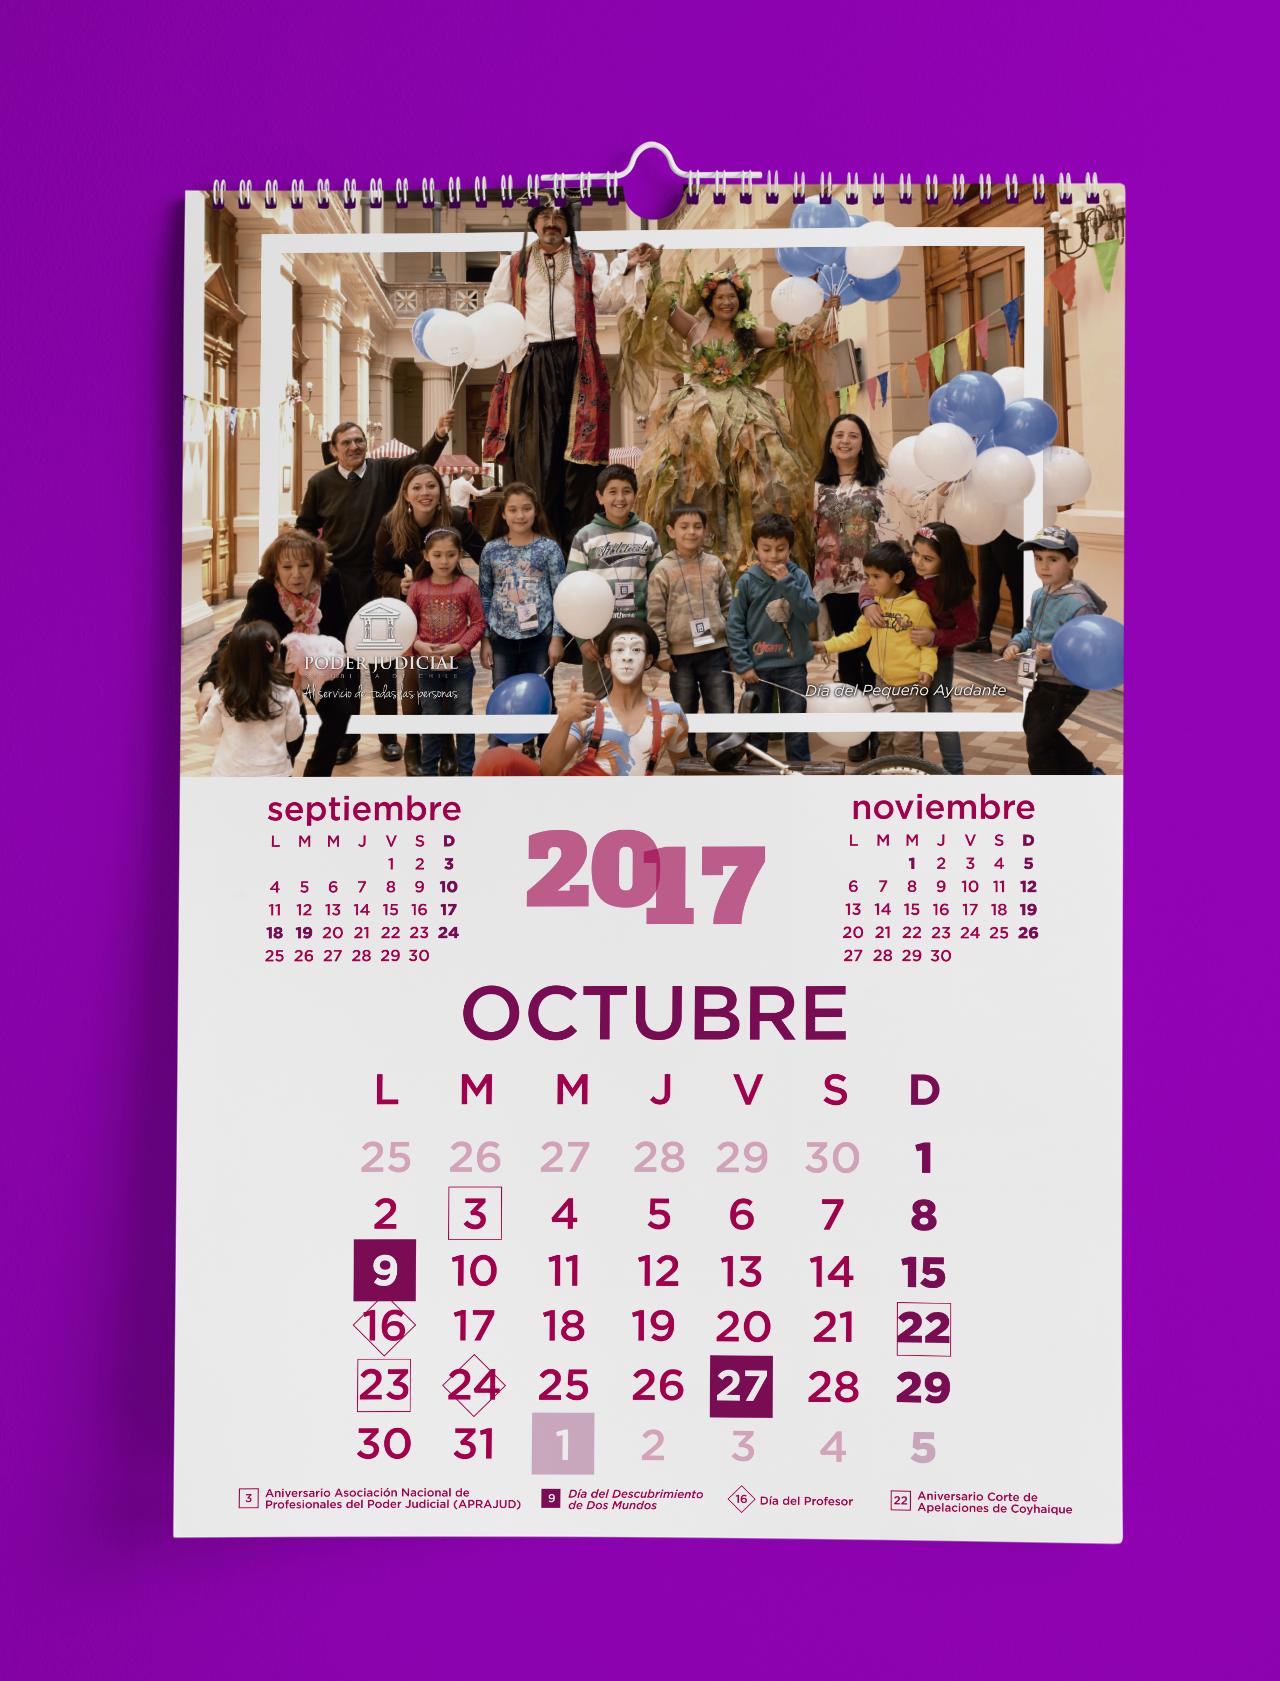 calendario_mural_pjud2017_02